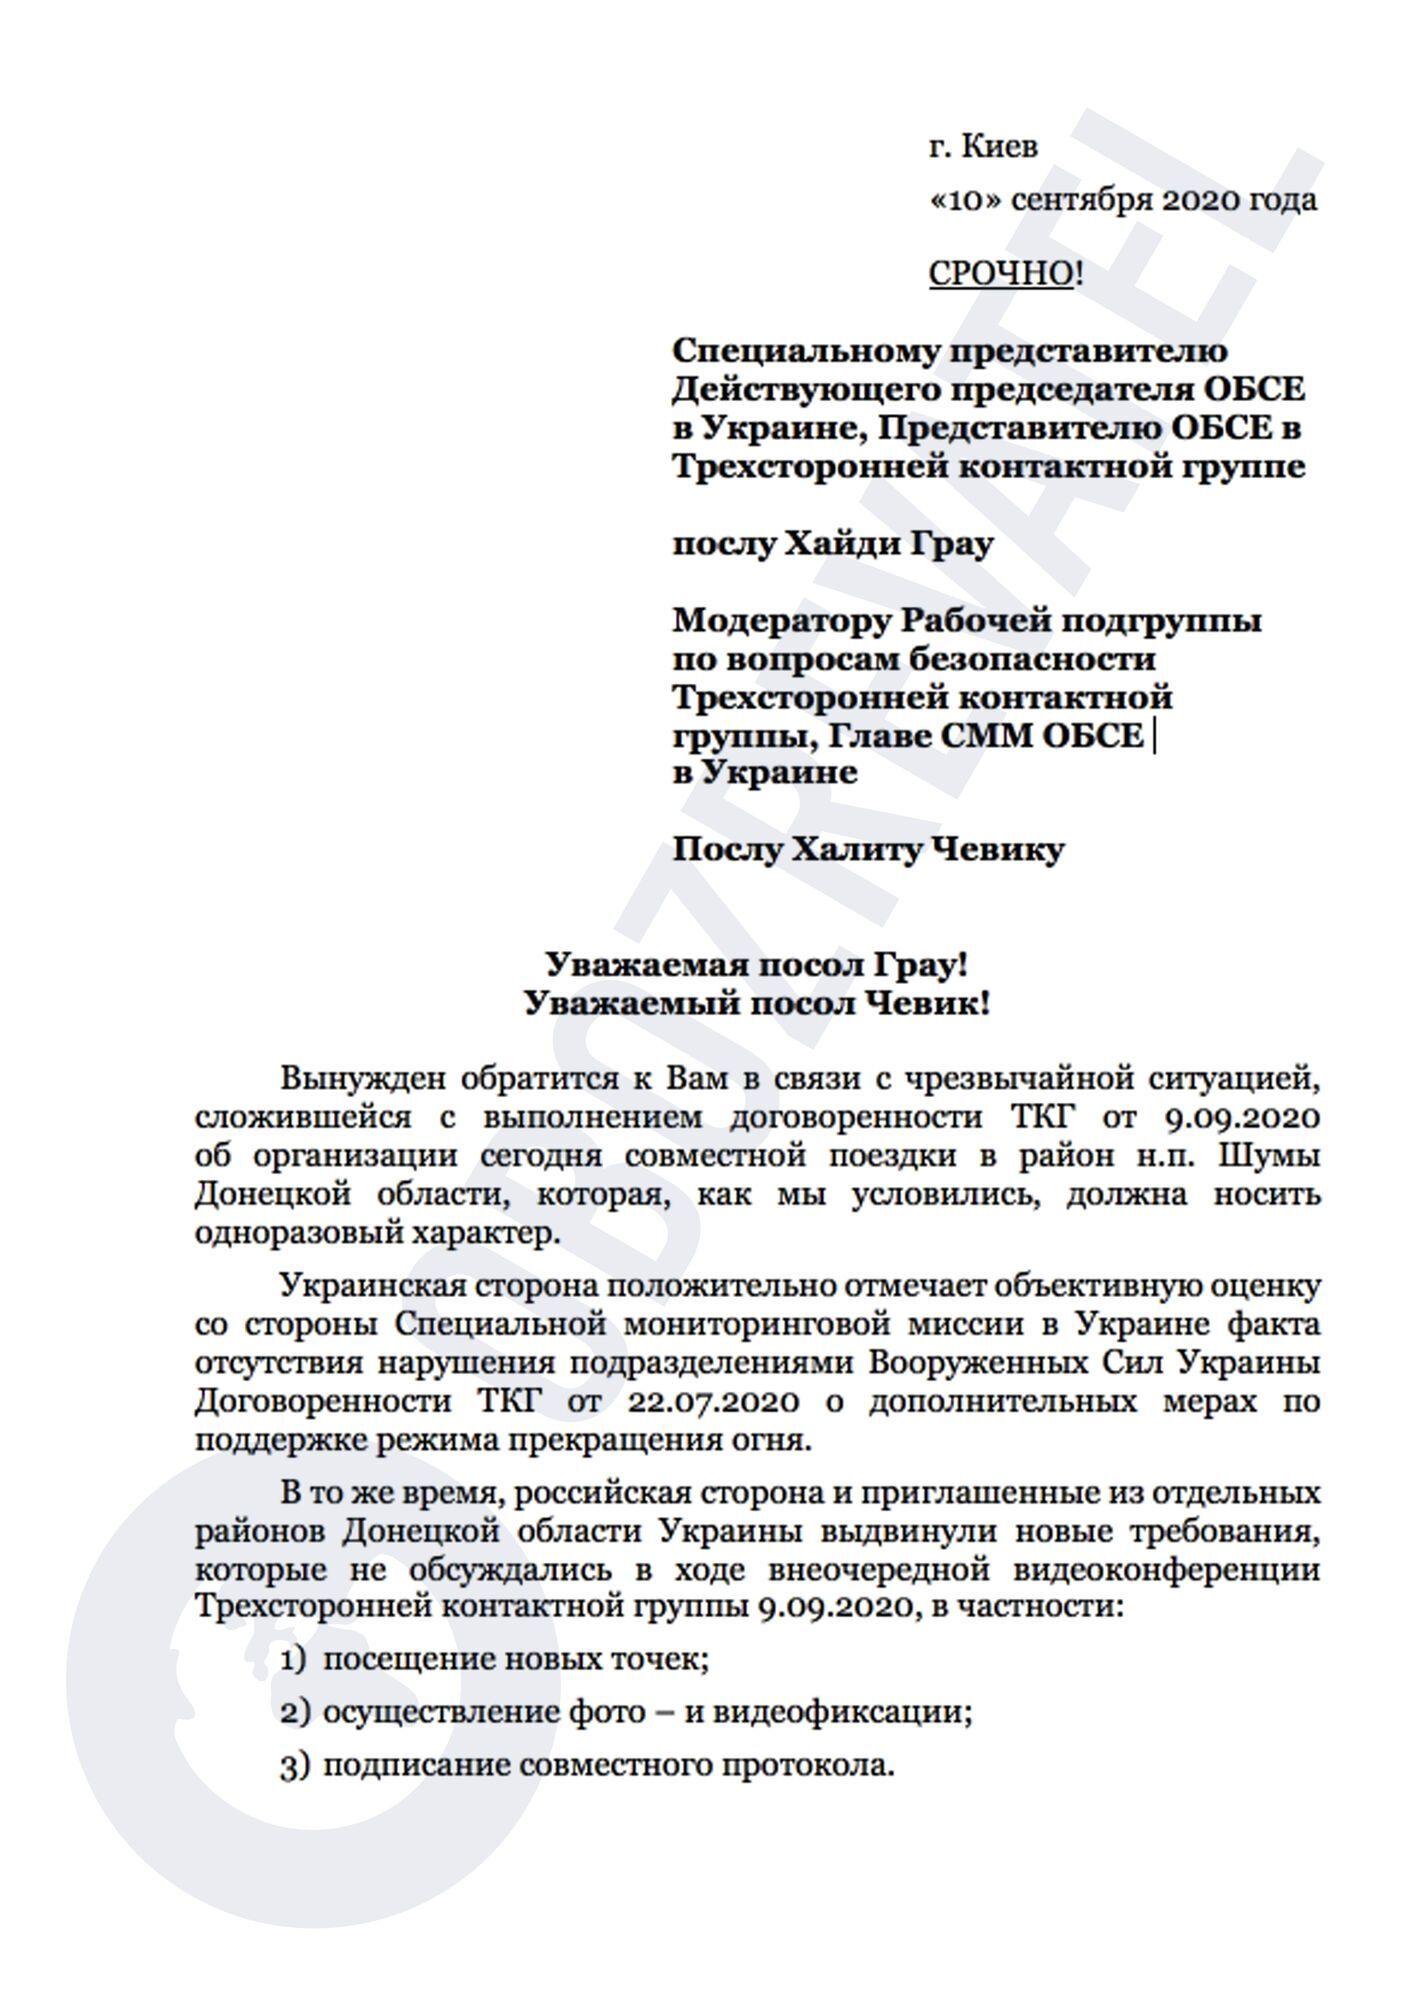 Кравчук заявил о срыве Россией договоренностей об инспекции позиций ВСУ